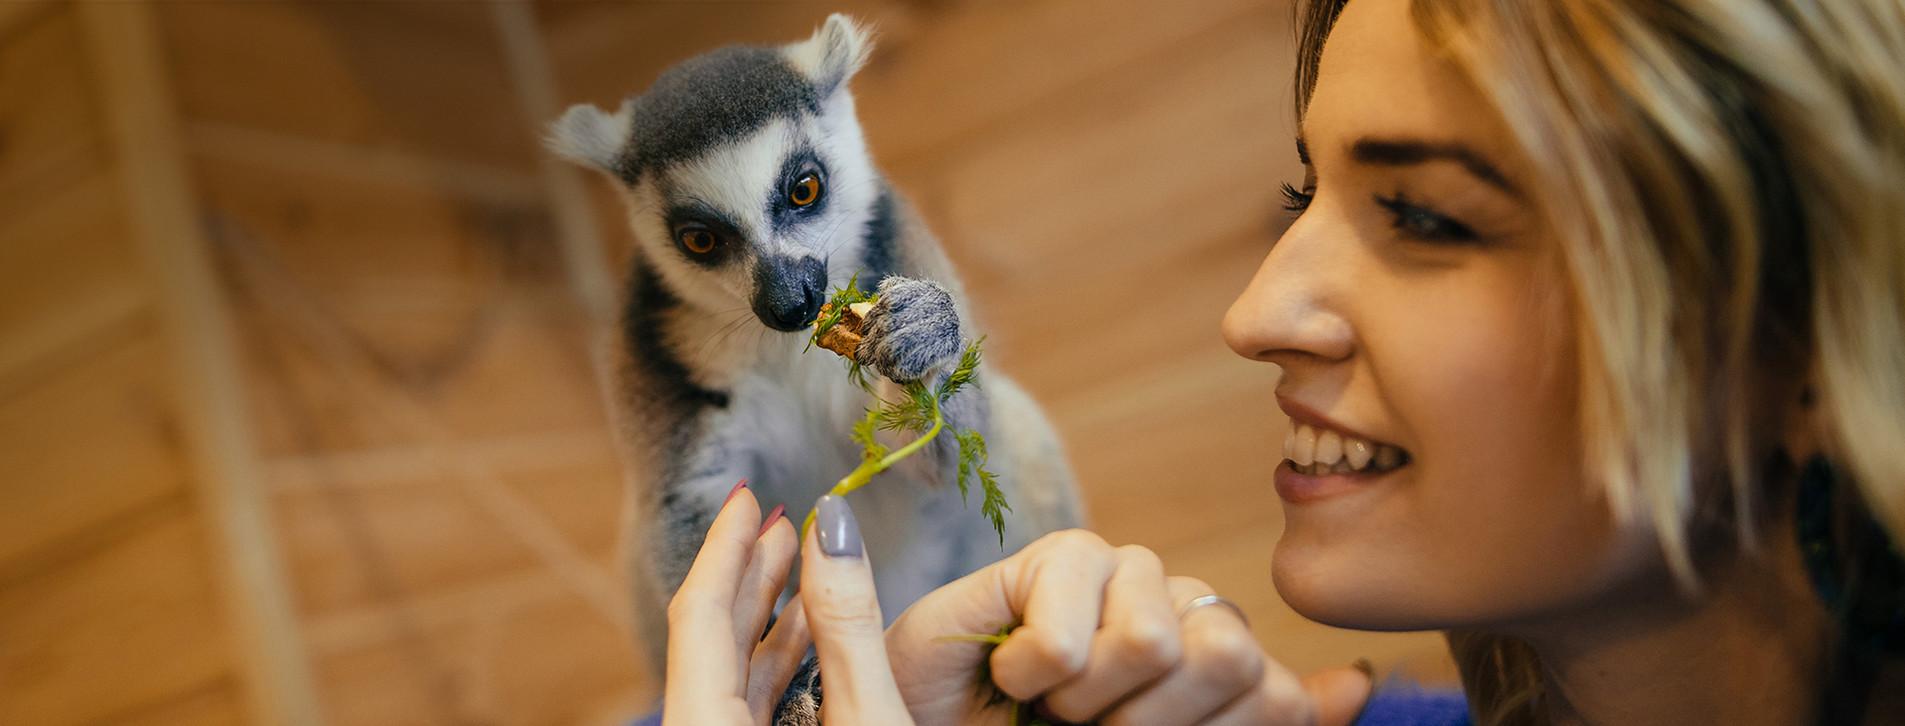 Фото - Контактний зоопарк для компанії